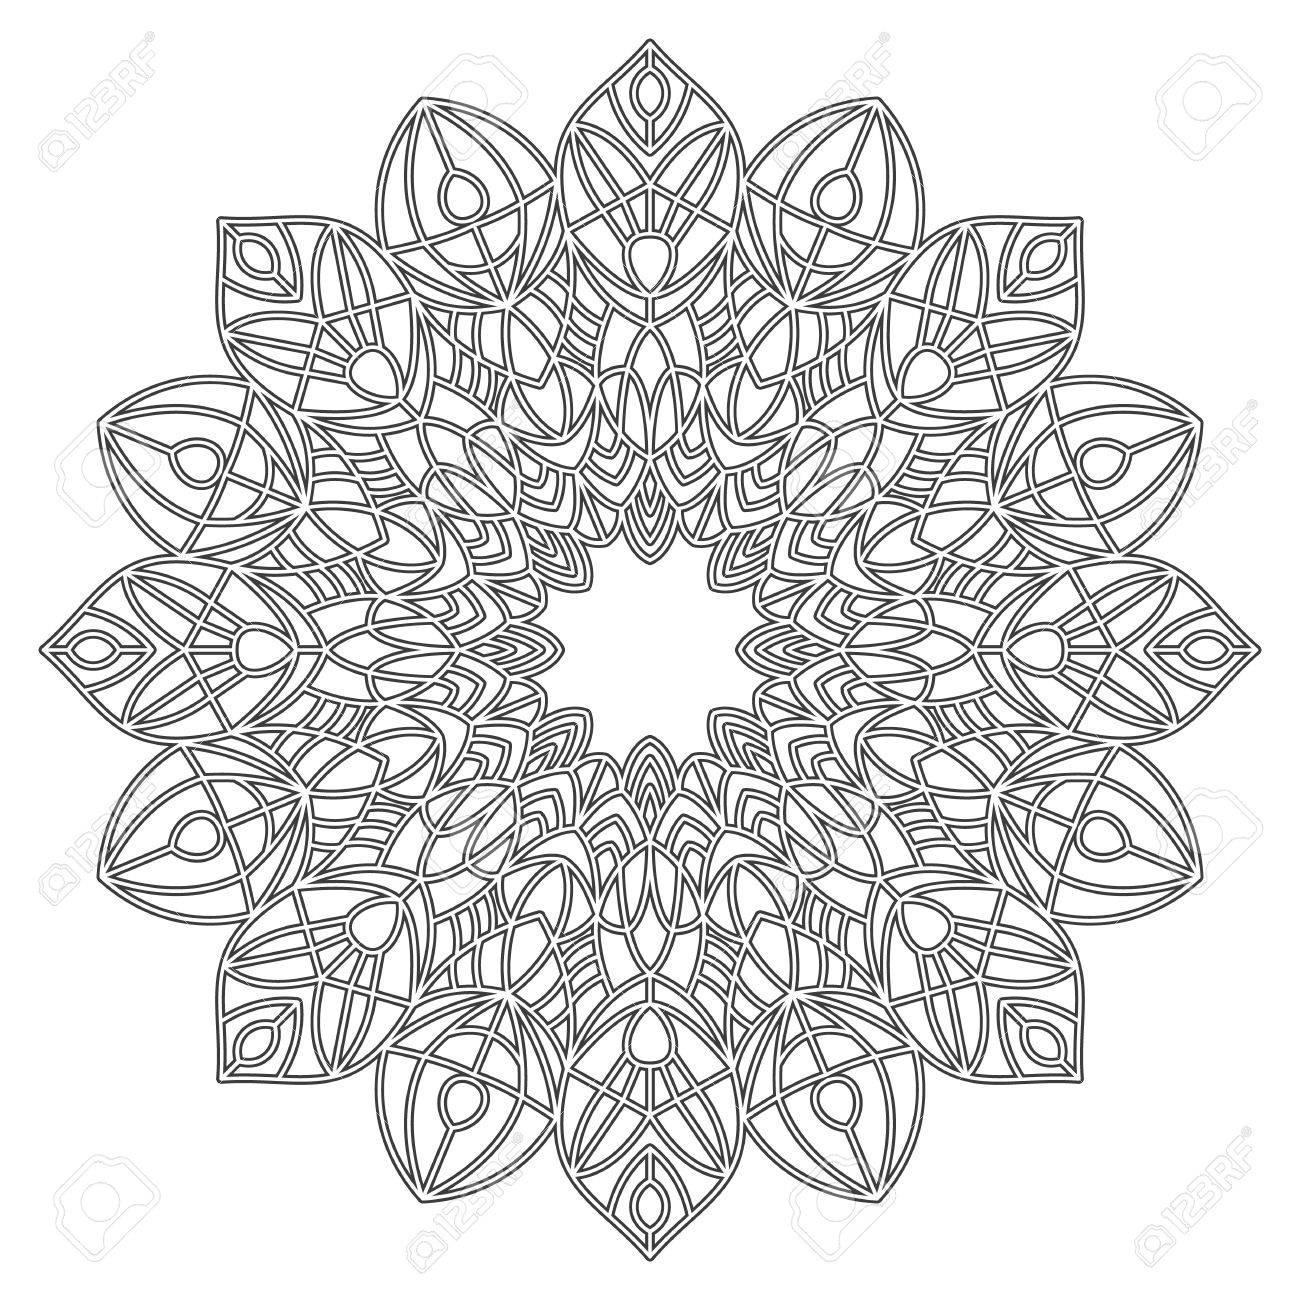 Dibujo Para Colorear Con La Mandala Elementos Decorativos étnicos Libro De Colorante Para Los Adultos Y Niños Mayores Esquema De Ilustración